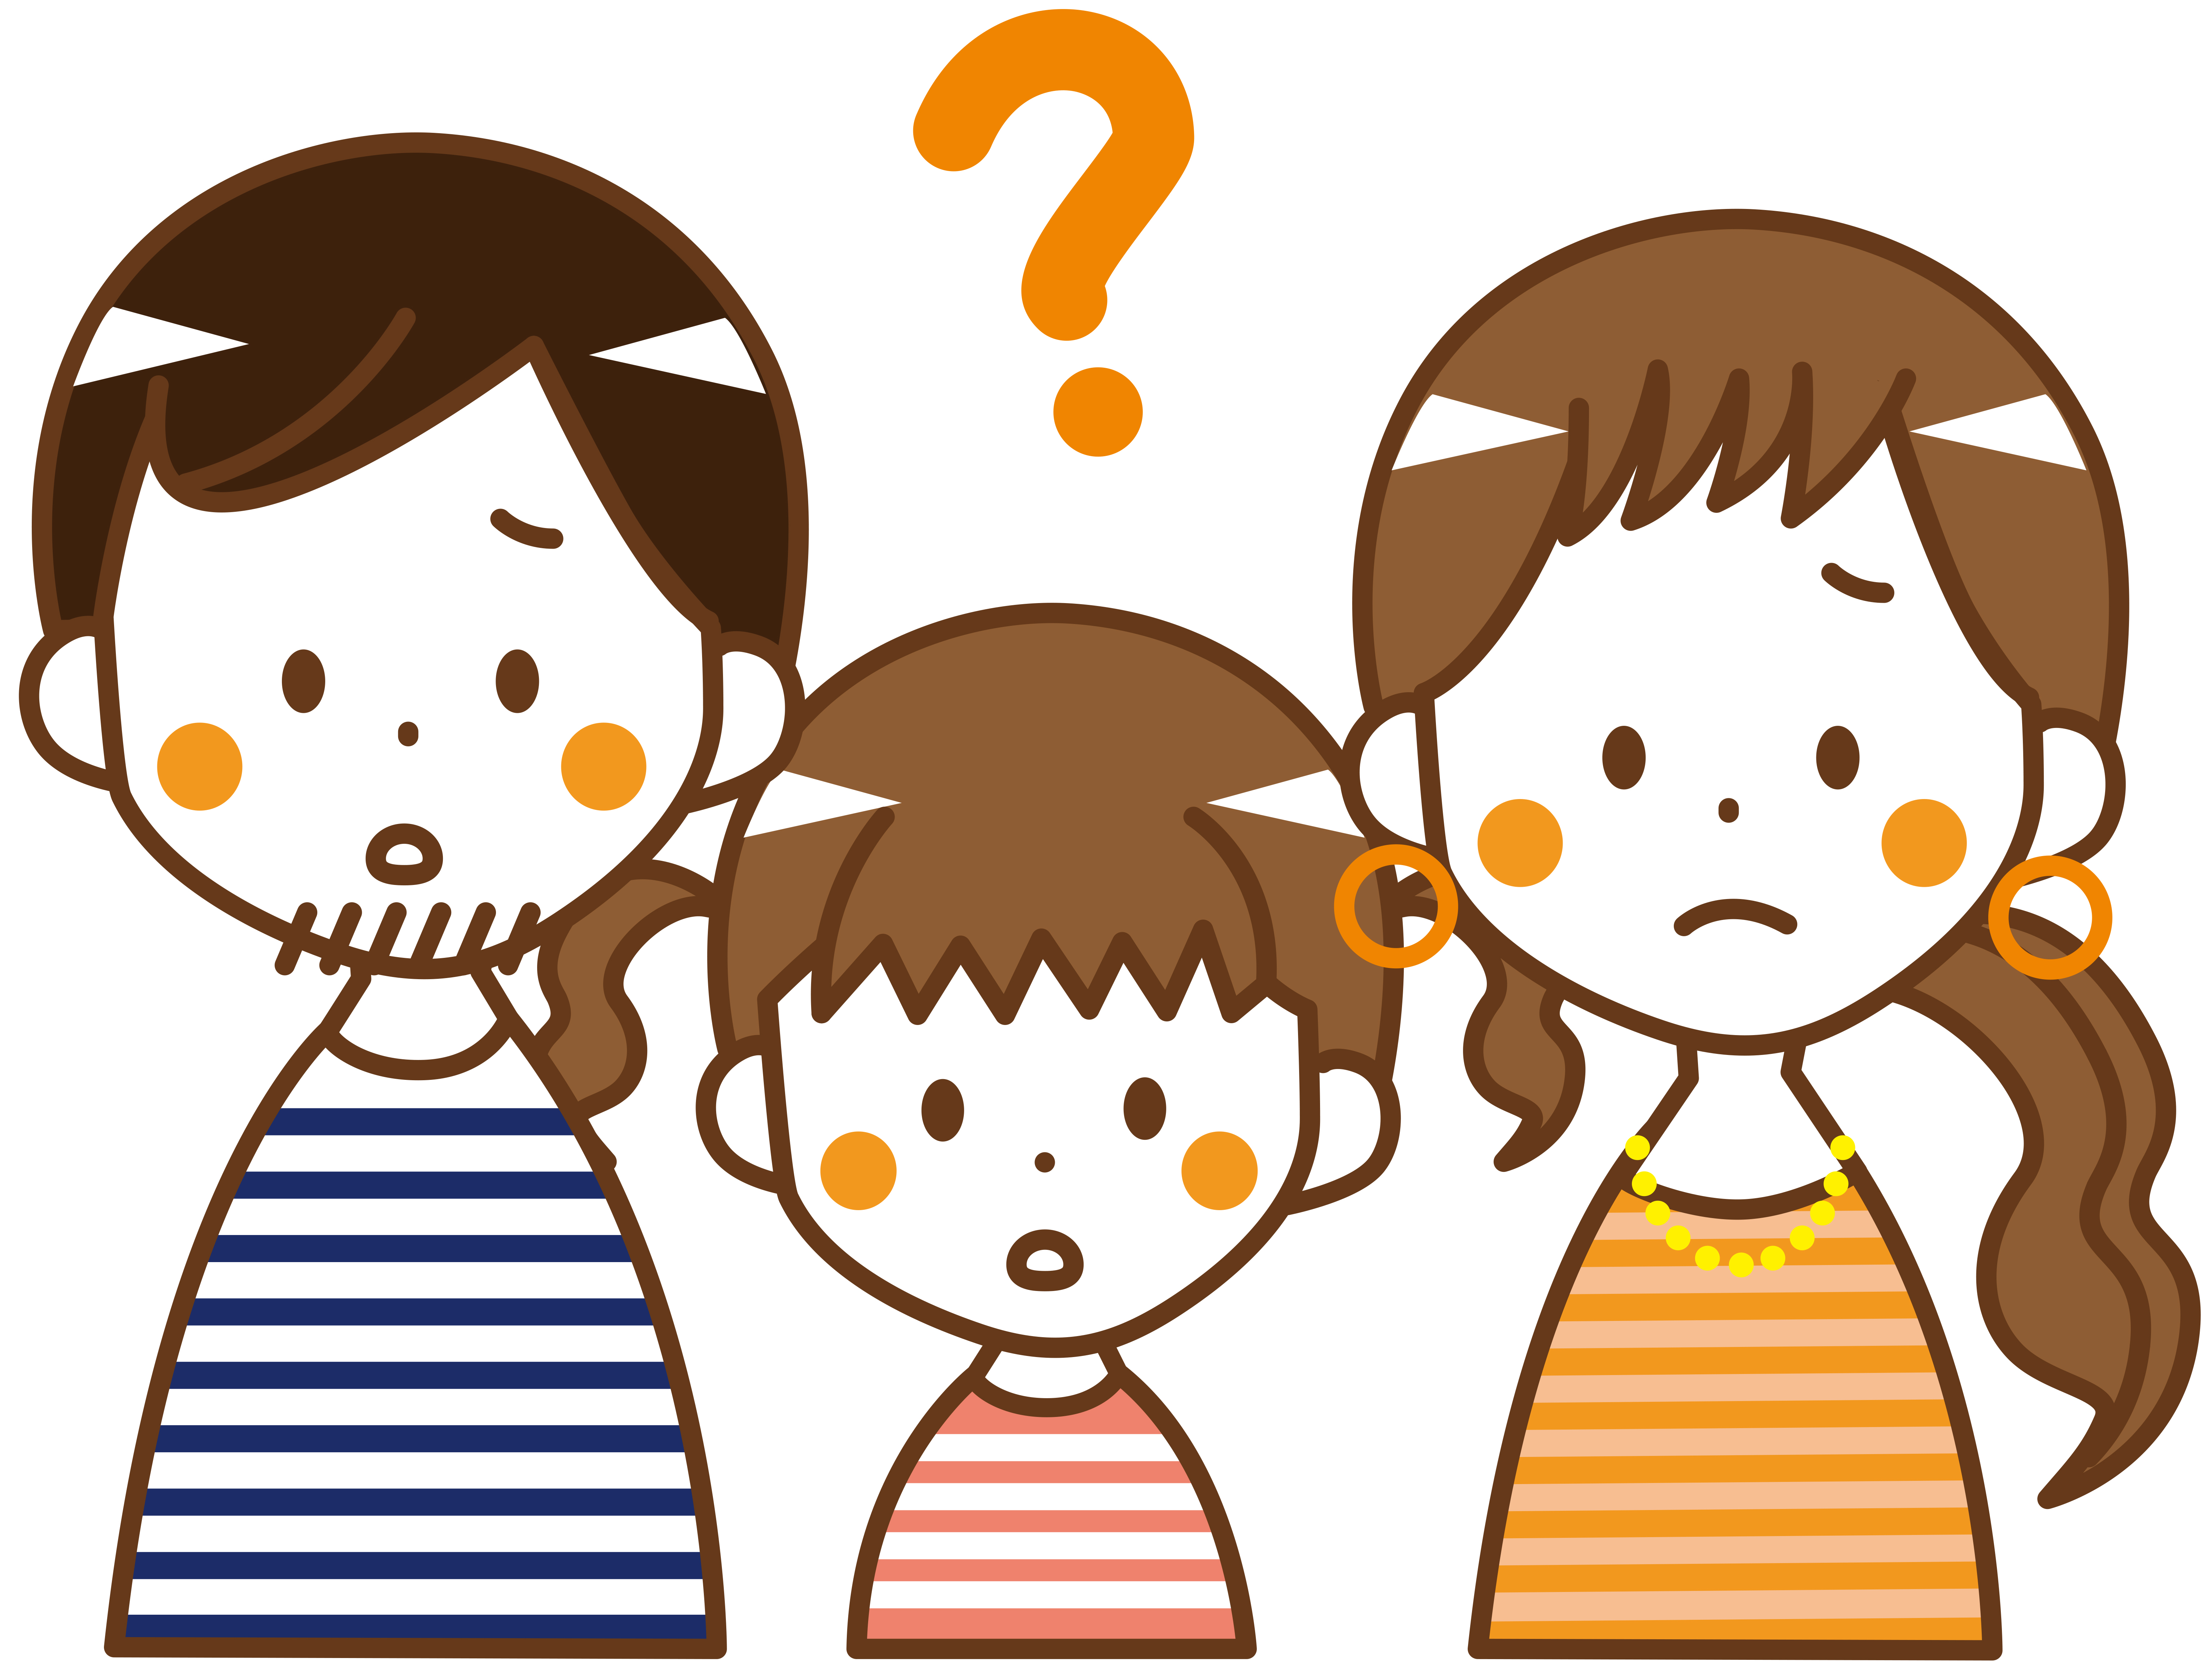 【クレヨンしんちゃんクイズ問題 20問】簡単!!初級&中級編!答え付き。